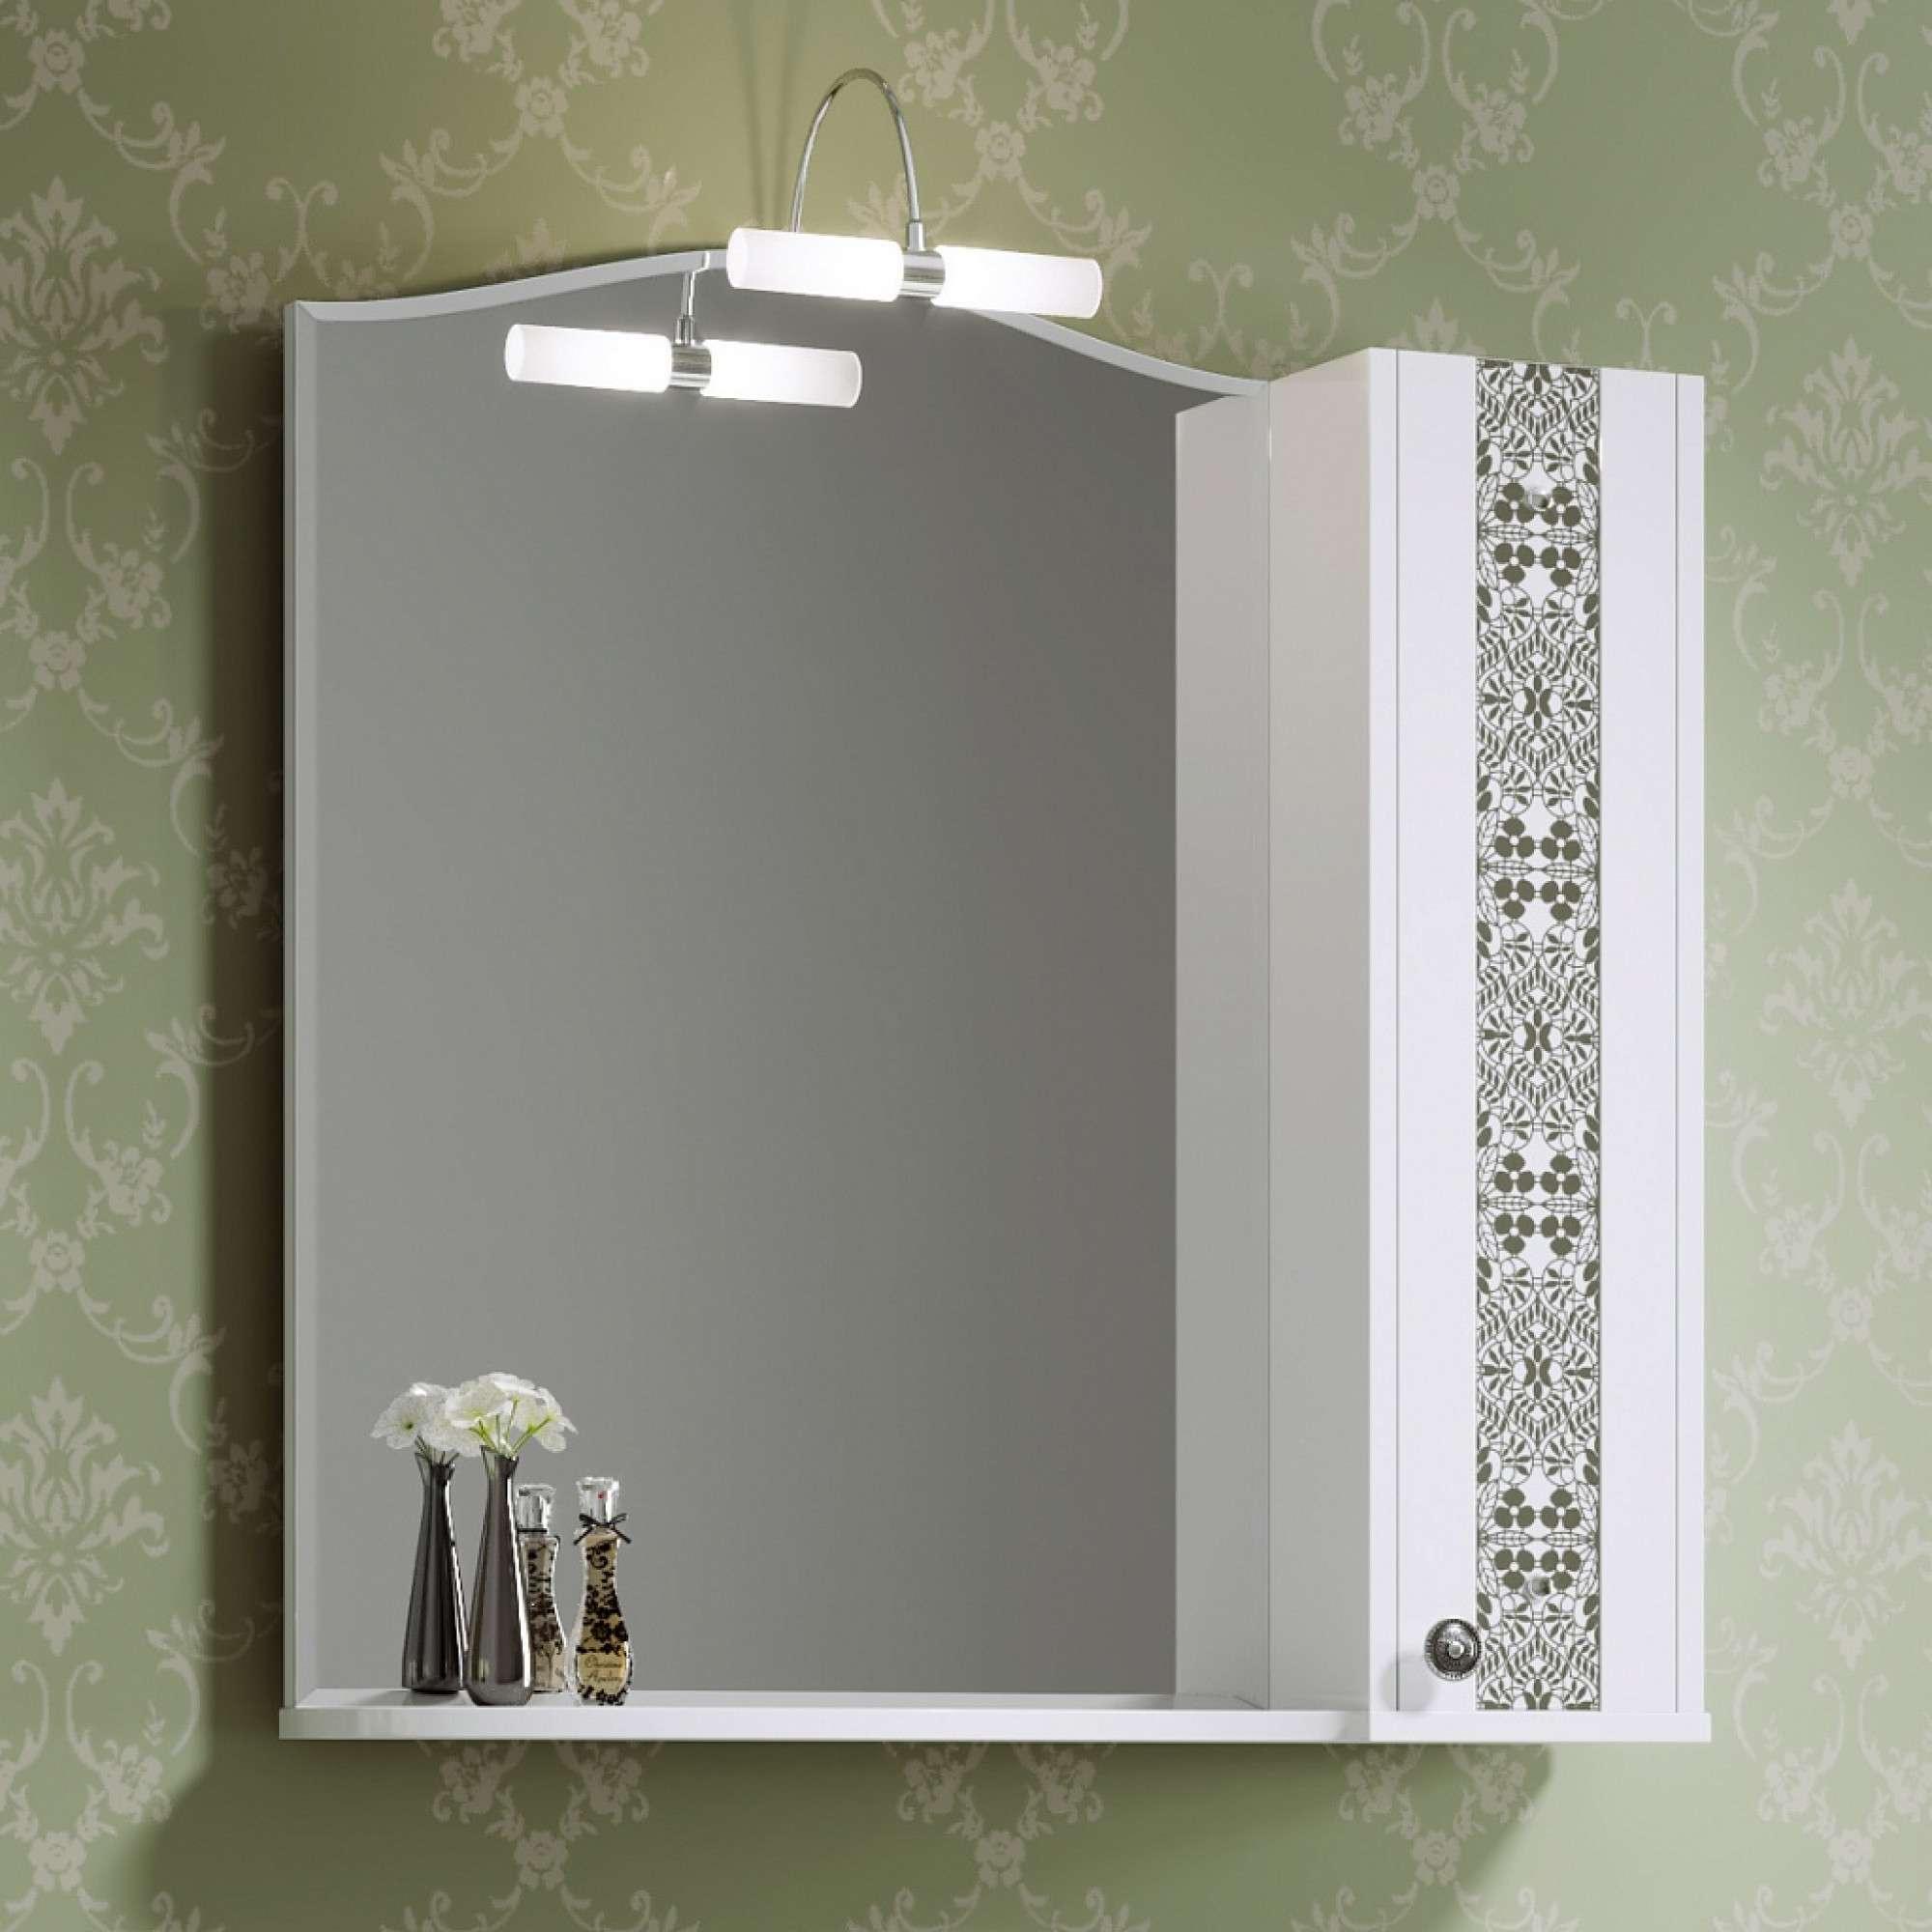 Шкаф зеркальный Elizabeth 80 +9 150 руб.